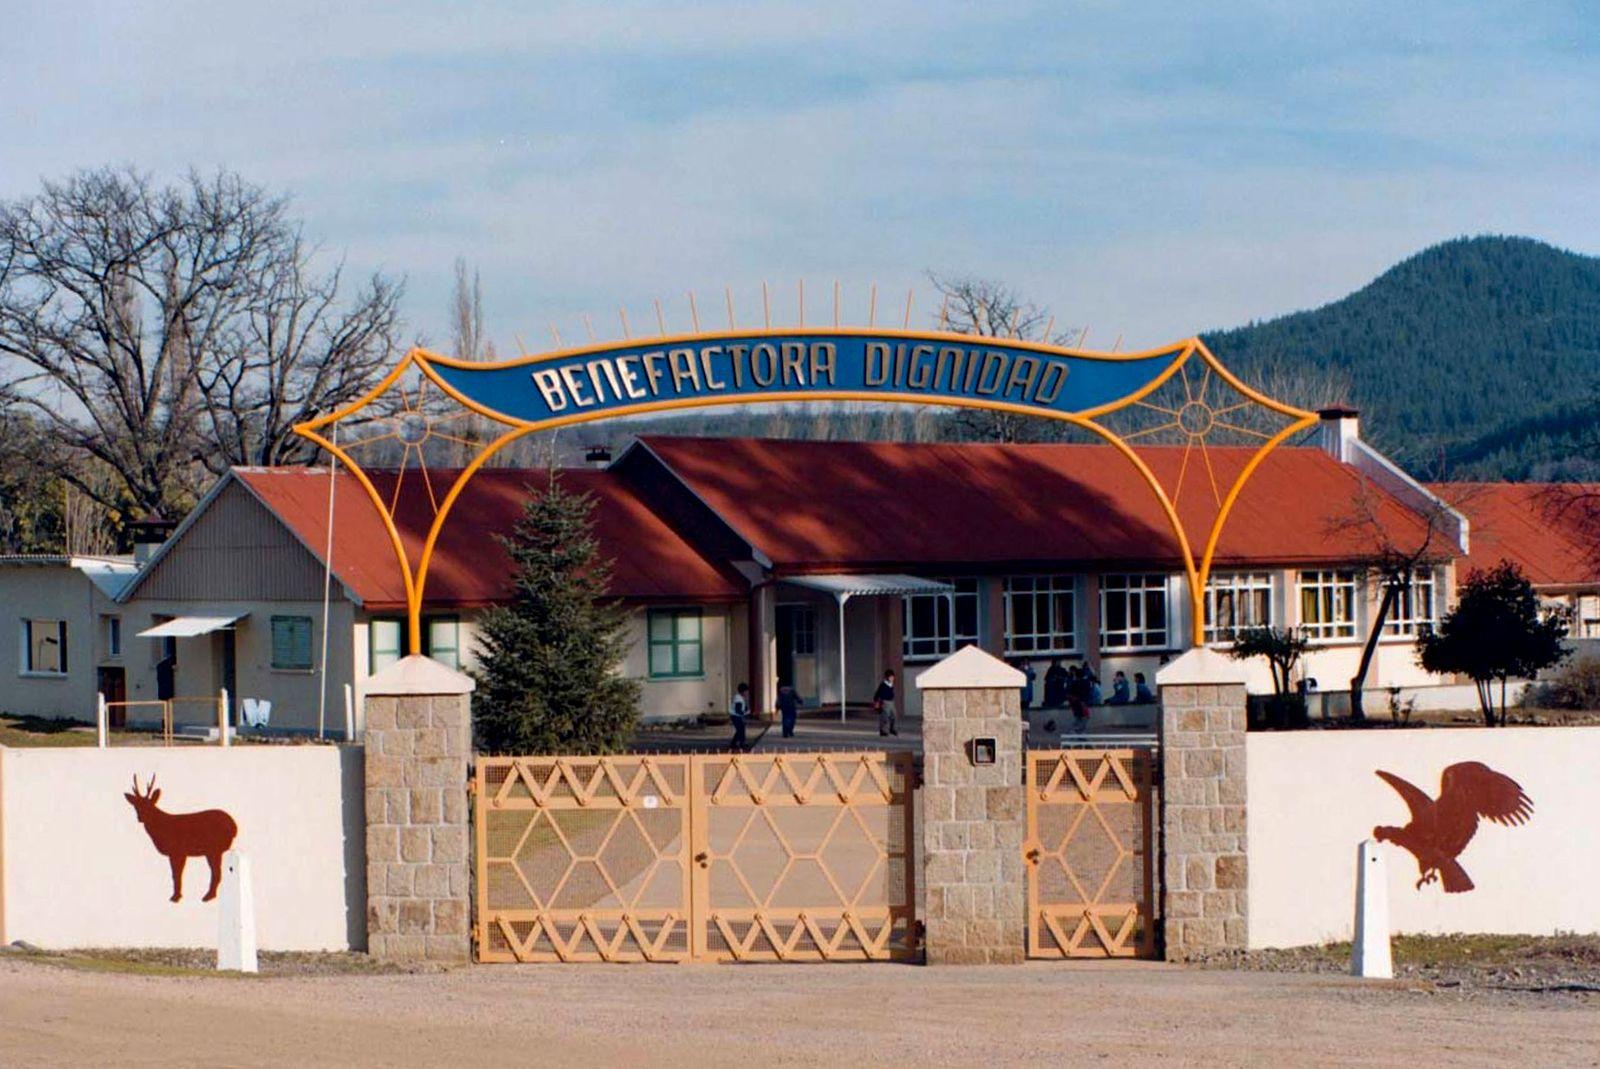 Villa Baviera - Colonia Dignidad